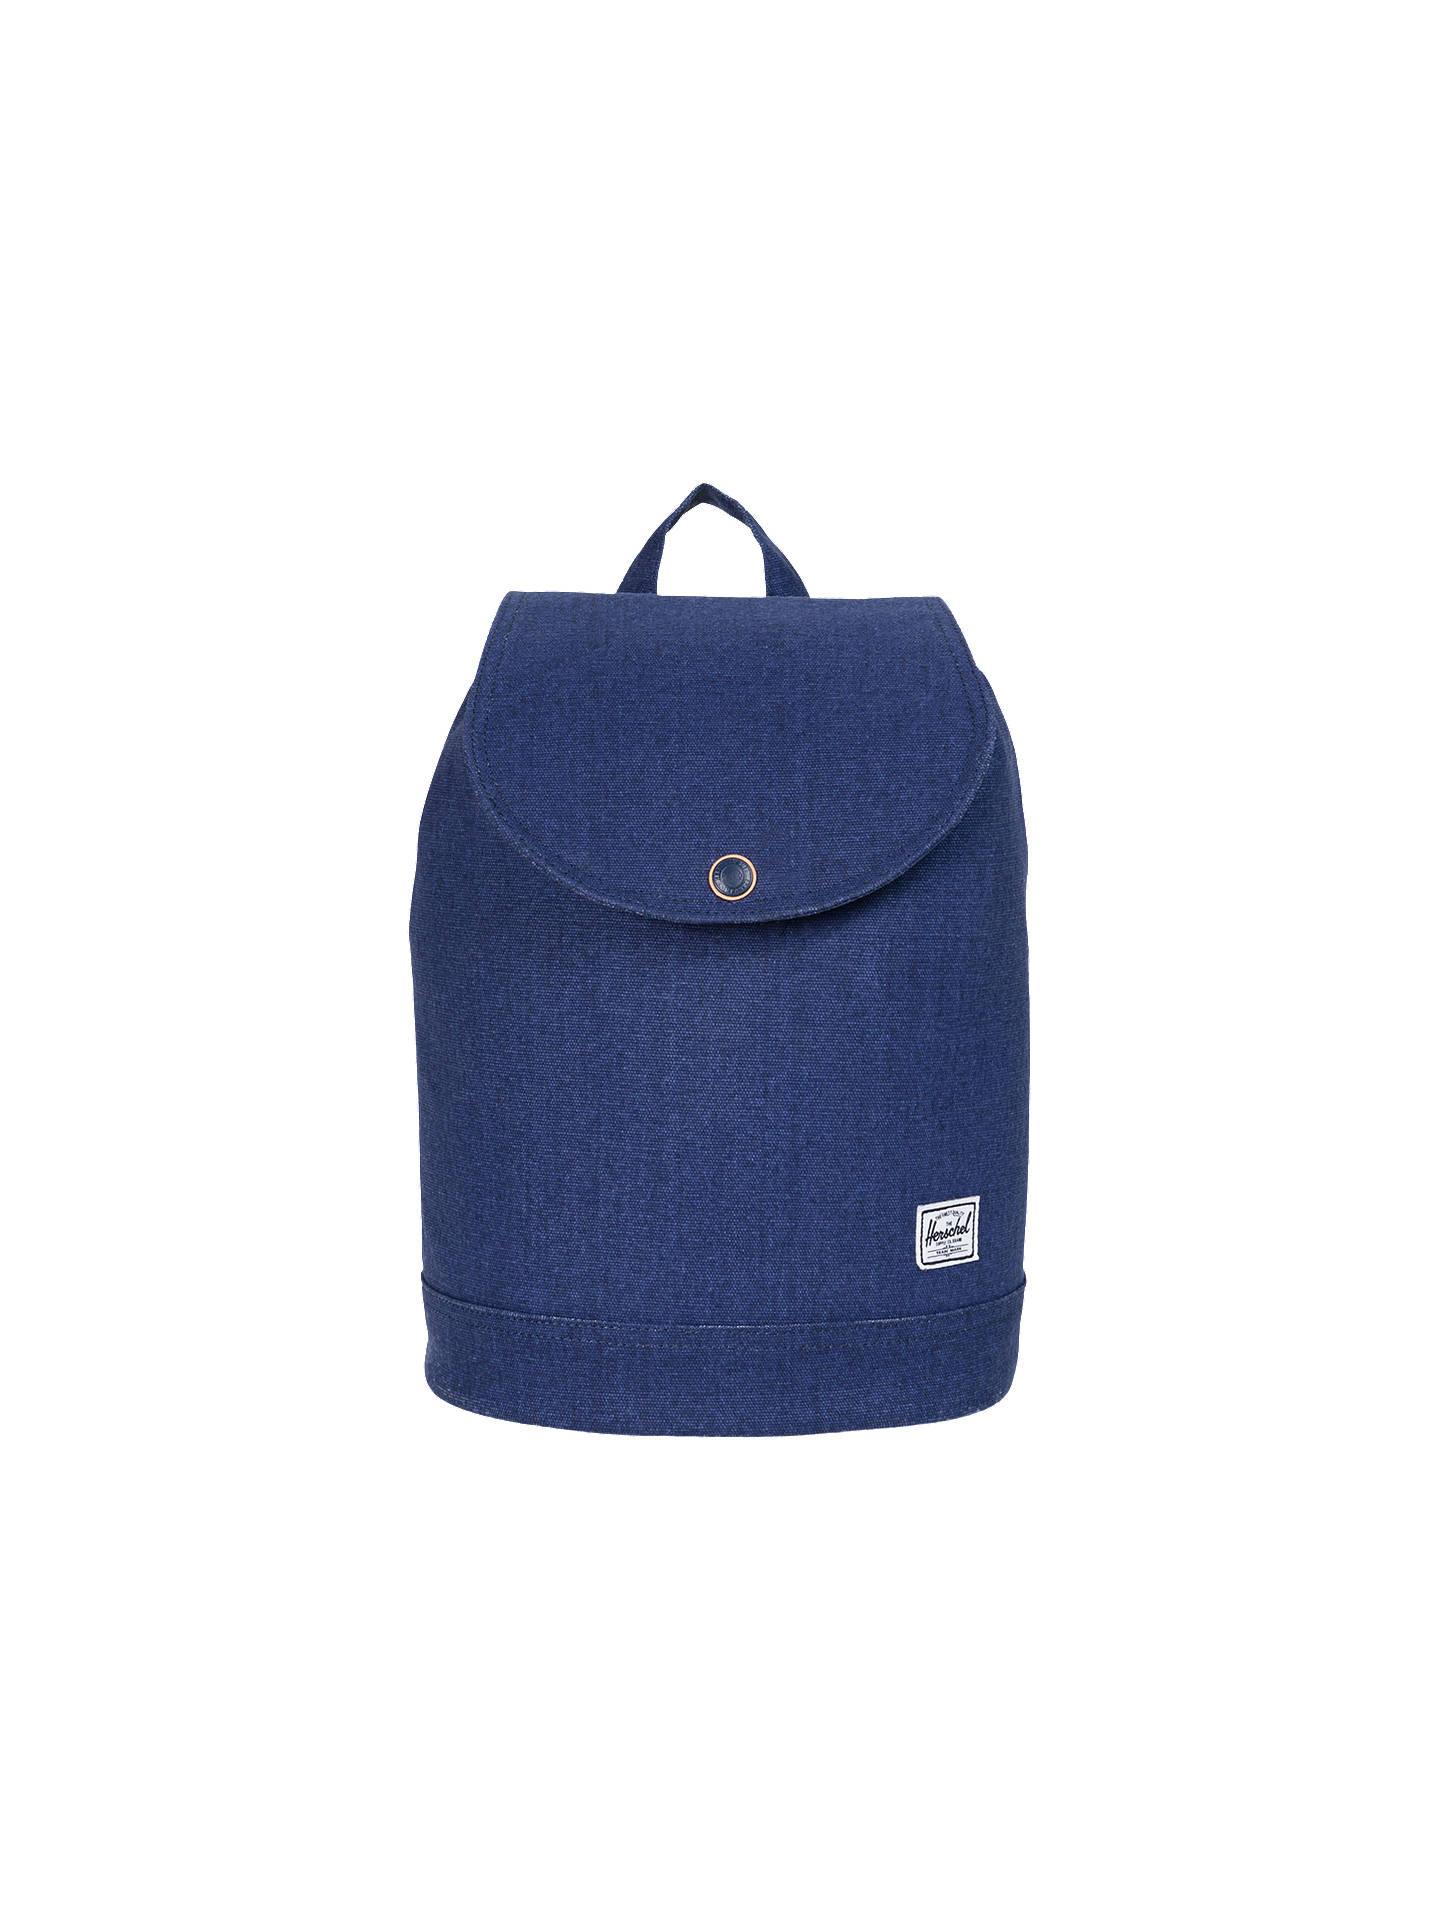 aeaa1c89f8 Buy Herschel Supply Co. Reid Backpack